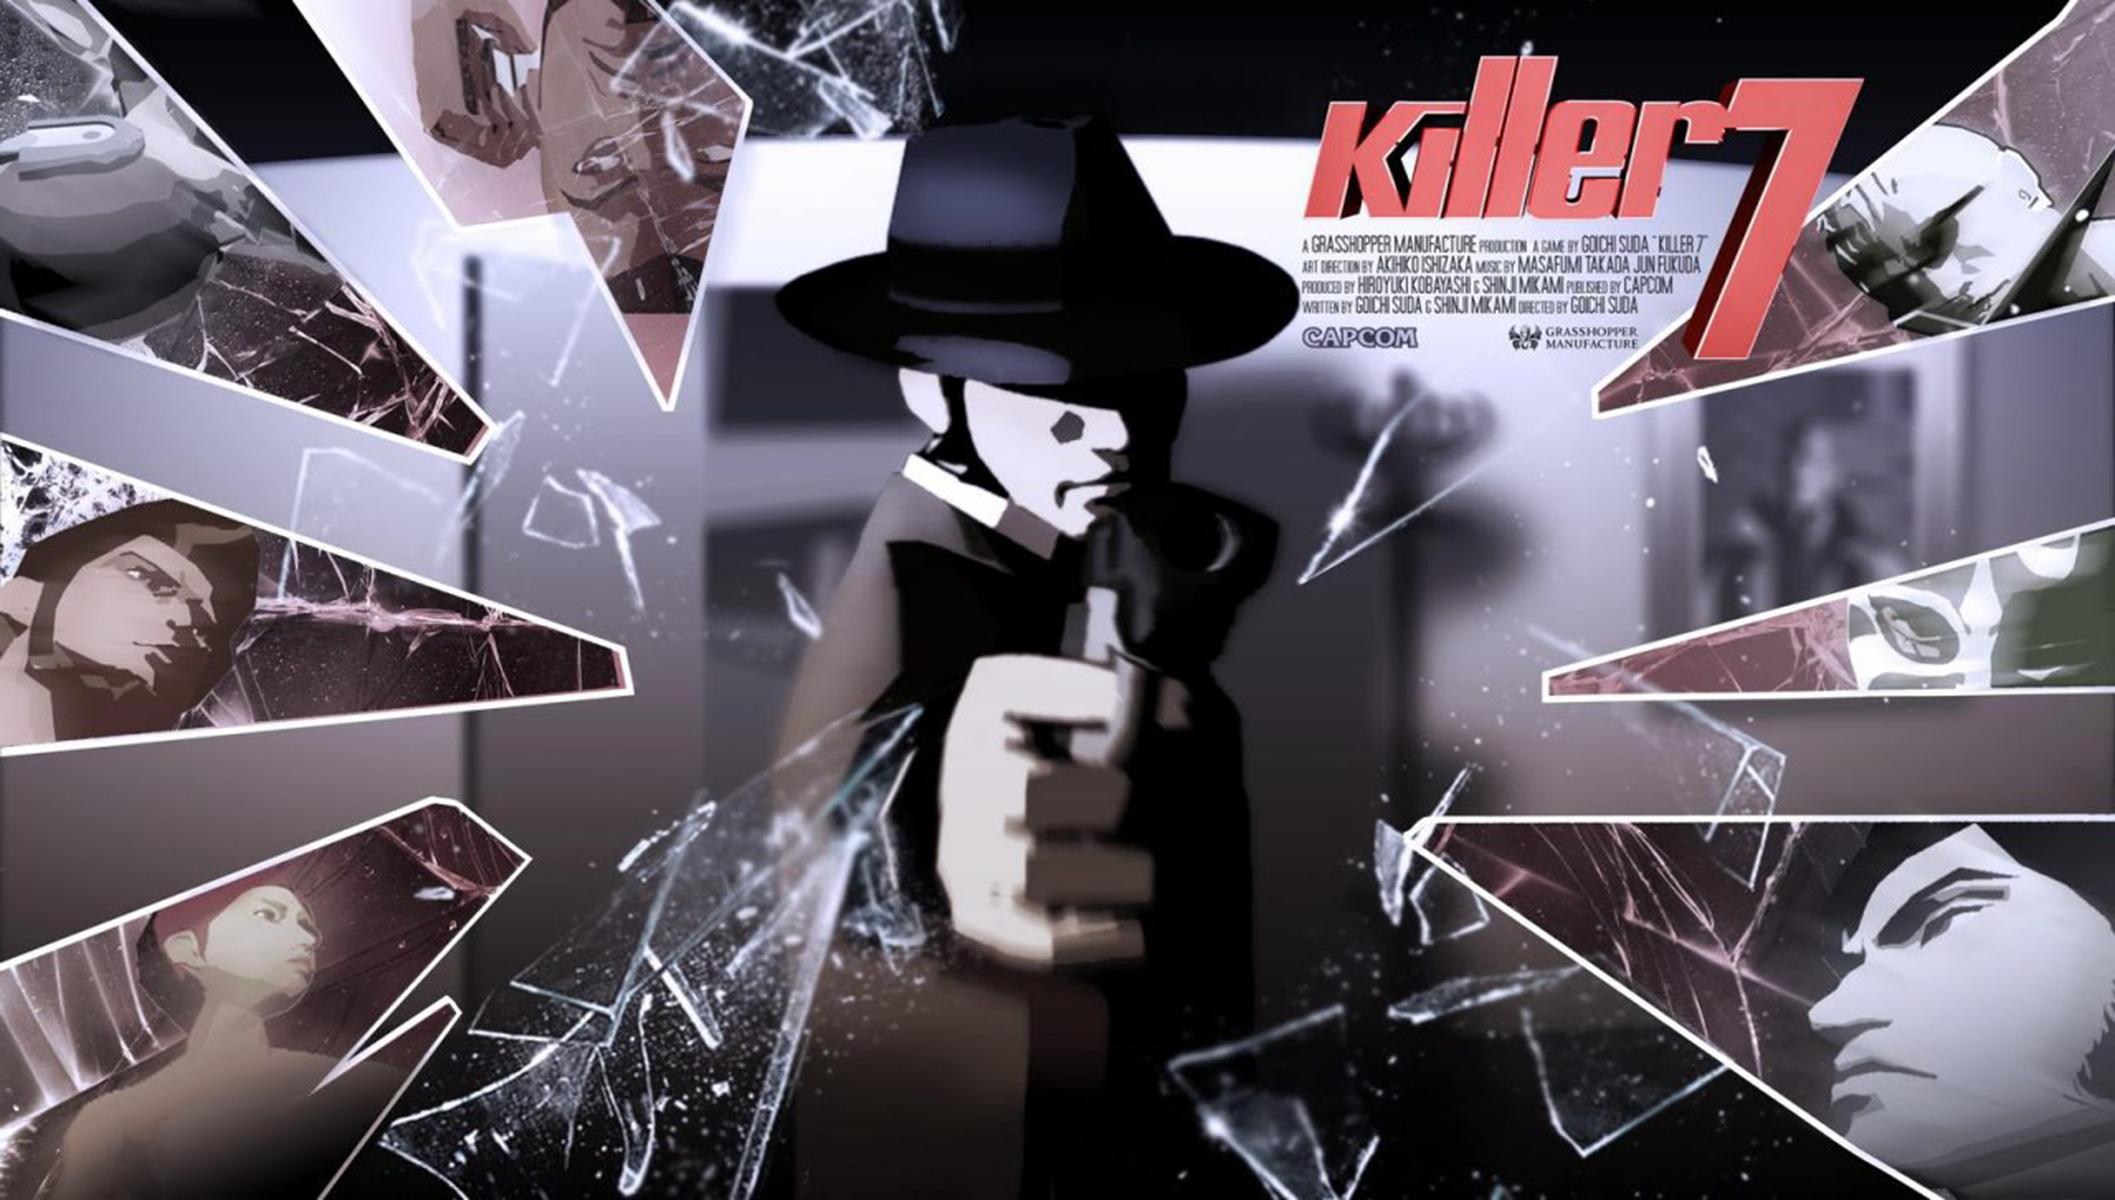 Killer7 revient sur PC cet automne !